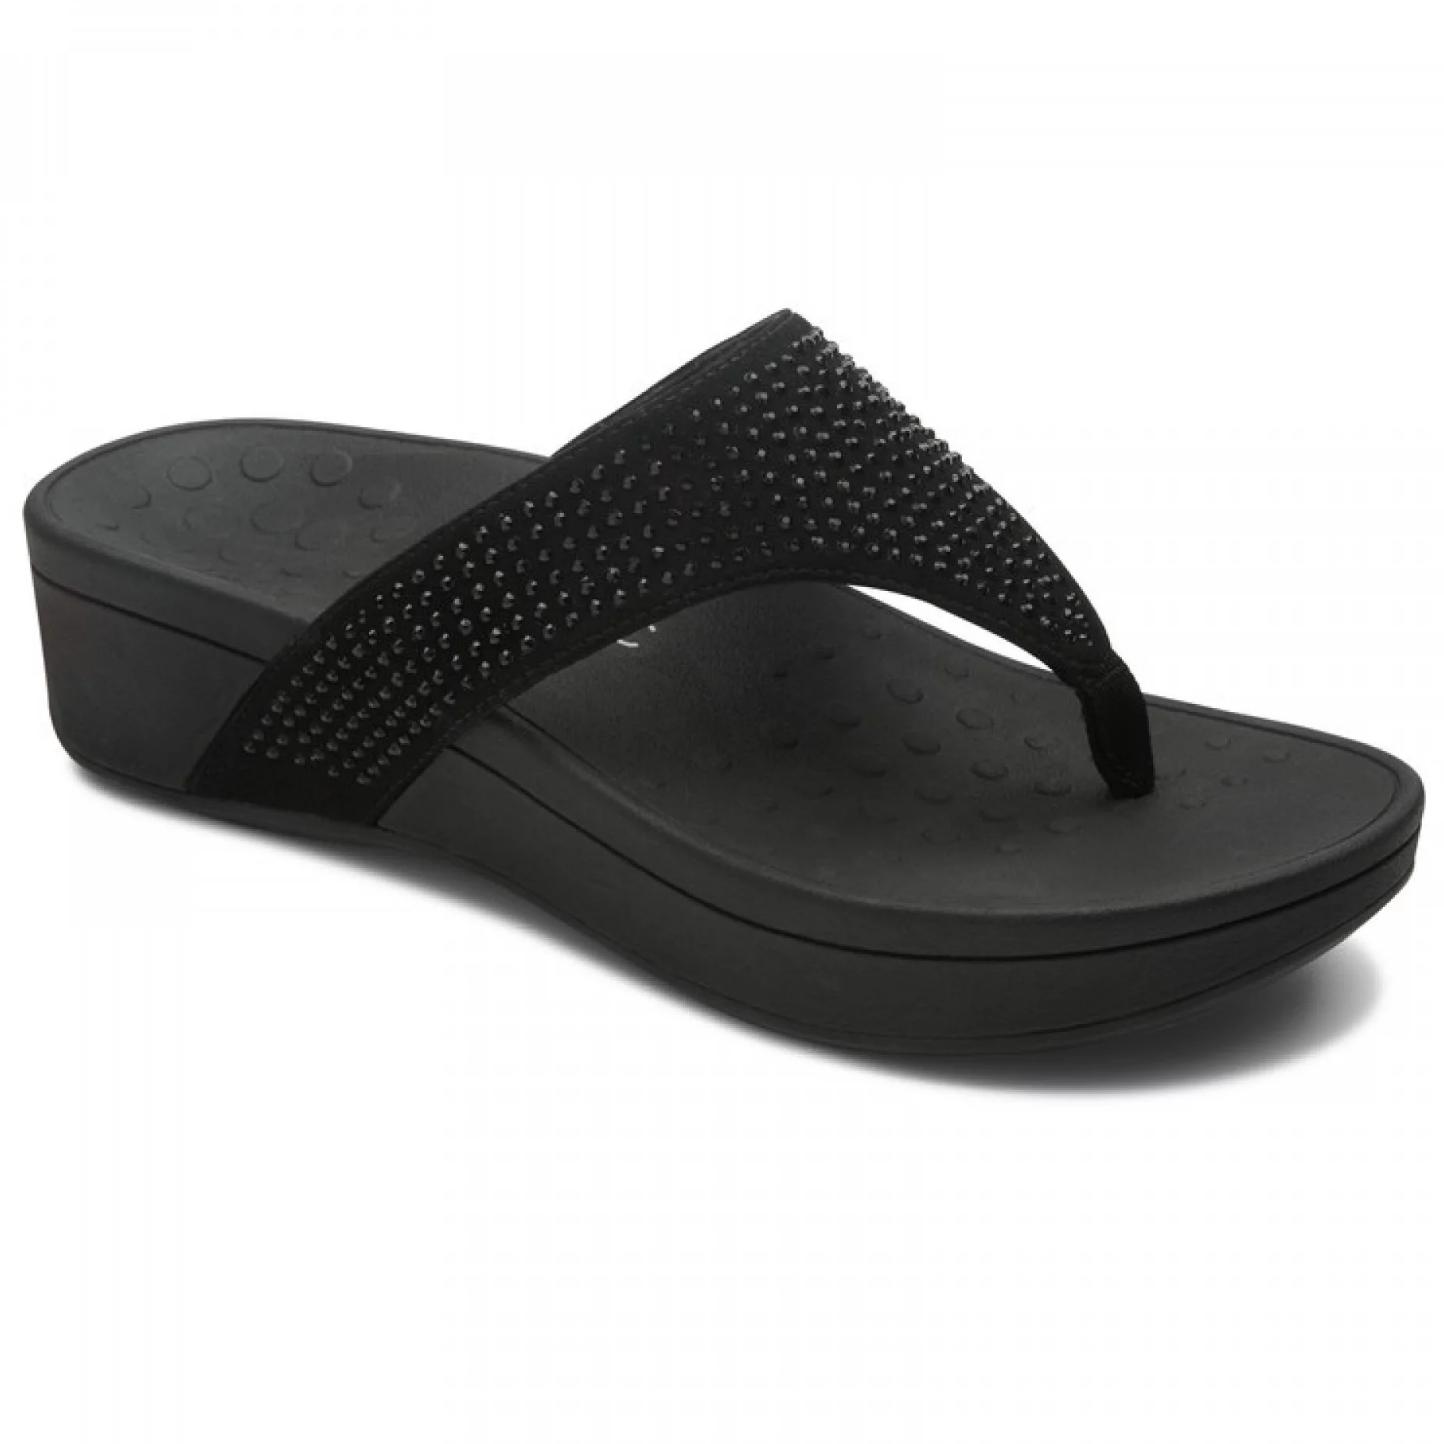 158d239d4b0 Vionic Women s Naples Platform Sandal Black